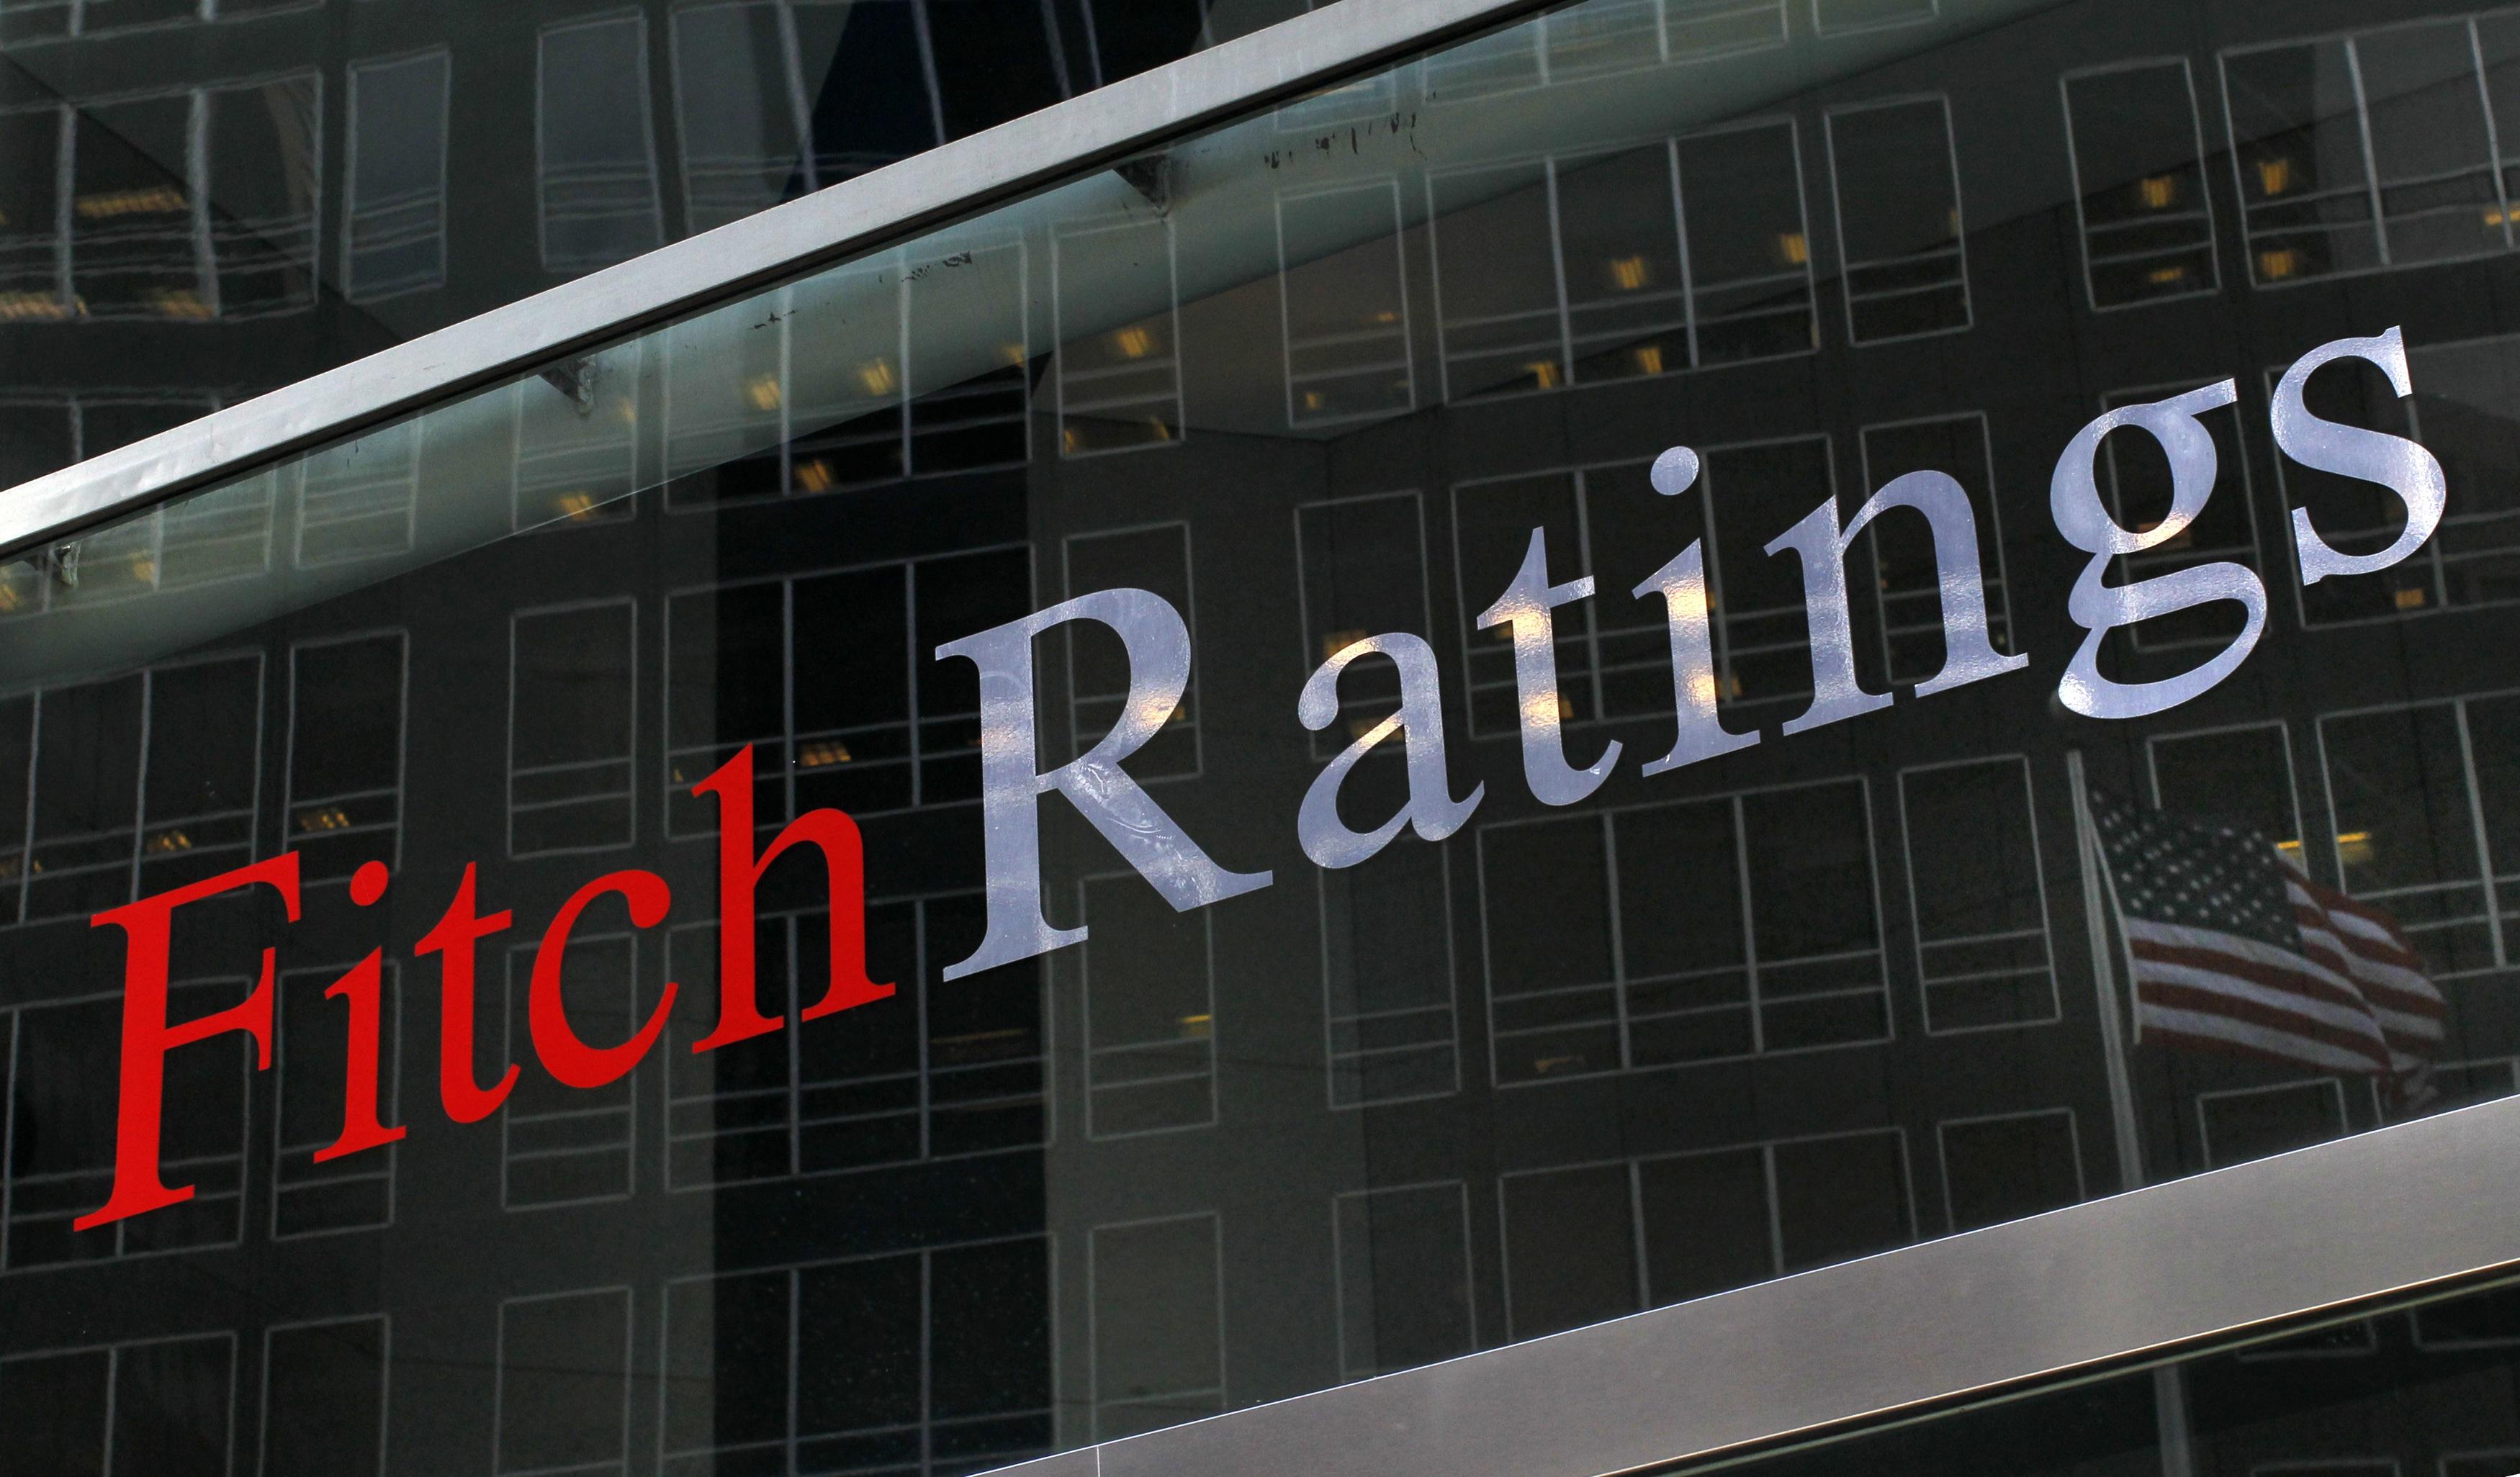 Ξεκινούν οι διαπραγματεύσεις με τους δανειστές! Η Fitch κρίνει ενδεχόμενη έξοδο στις αγορές